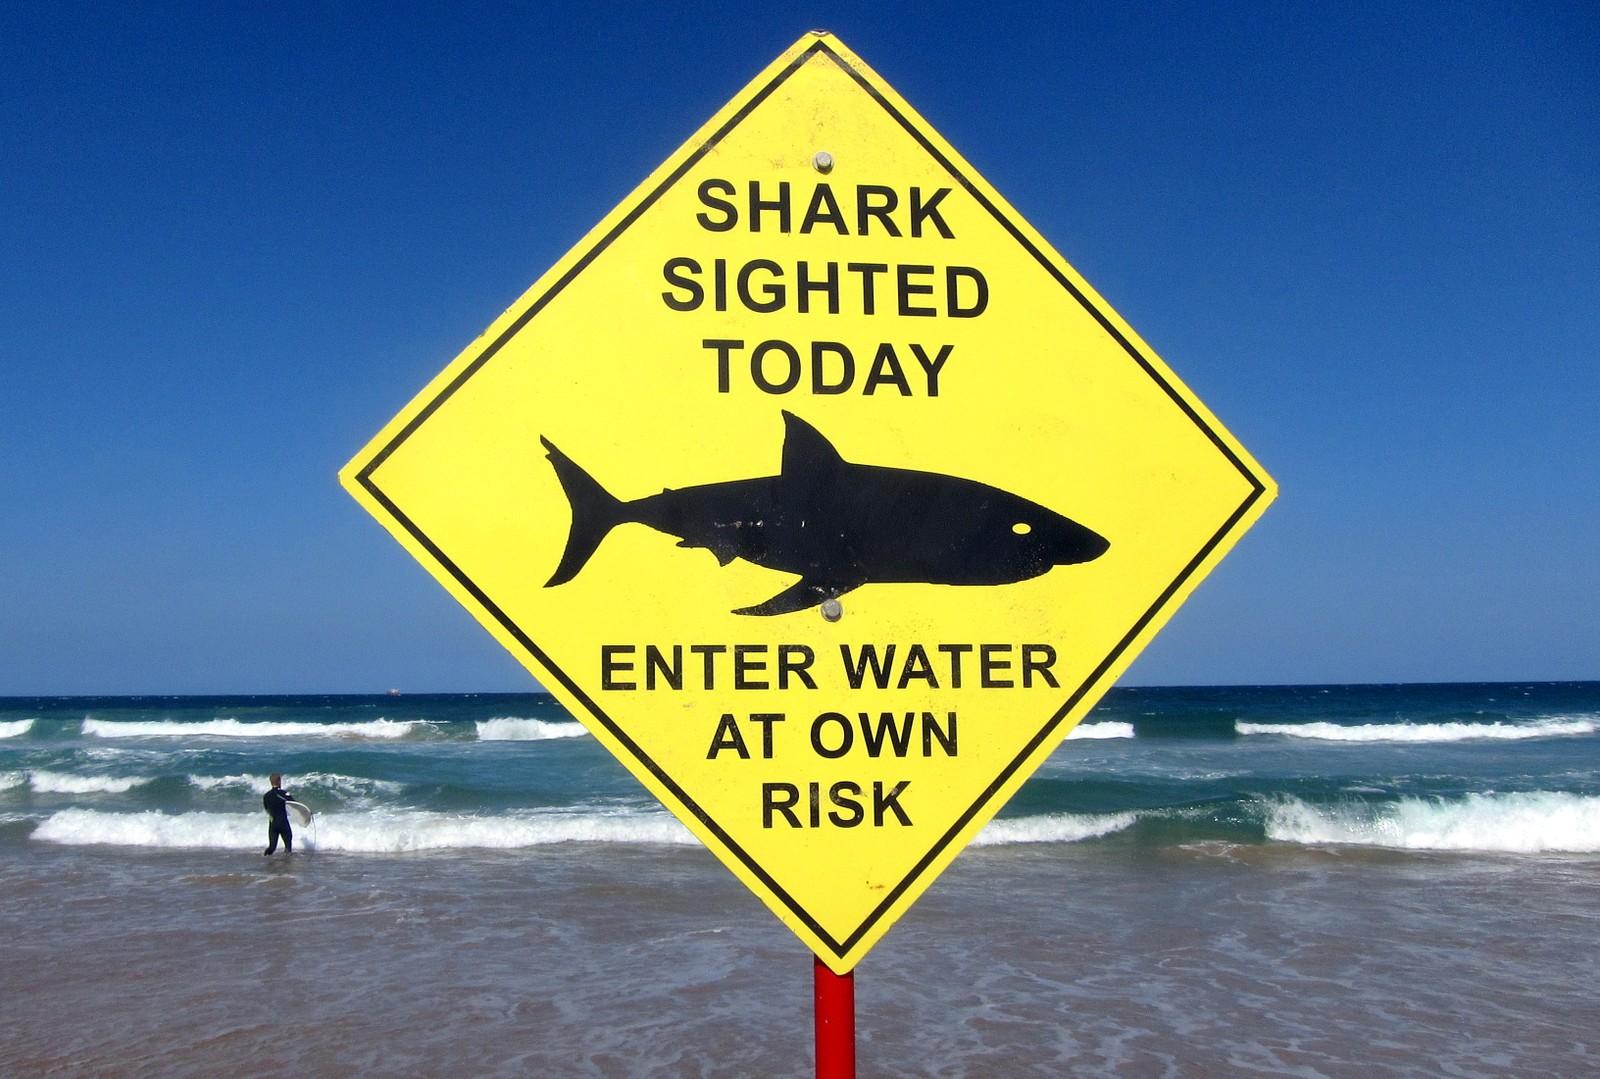 Jula er midtsommer i Australia og hvert år nyter millioner av mennesker høytiden på de mange populære strendene. Men den siste tiden har det blitt observert mye hai og vært haiangrep flere steder i landet. Da er det ikke like fristende å gå ut i vannet. En og annen surfer tar likevel sjansen.